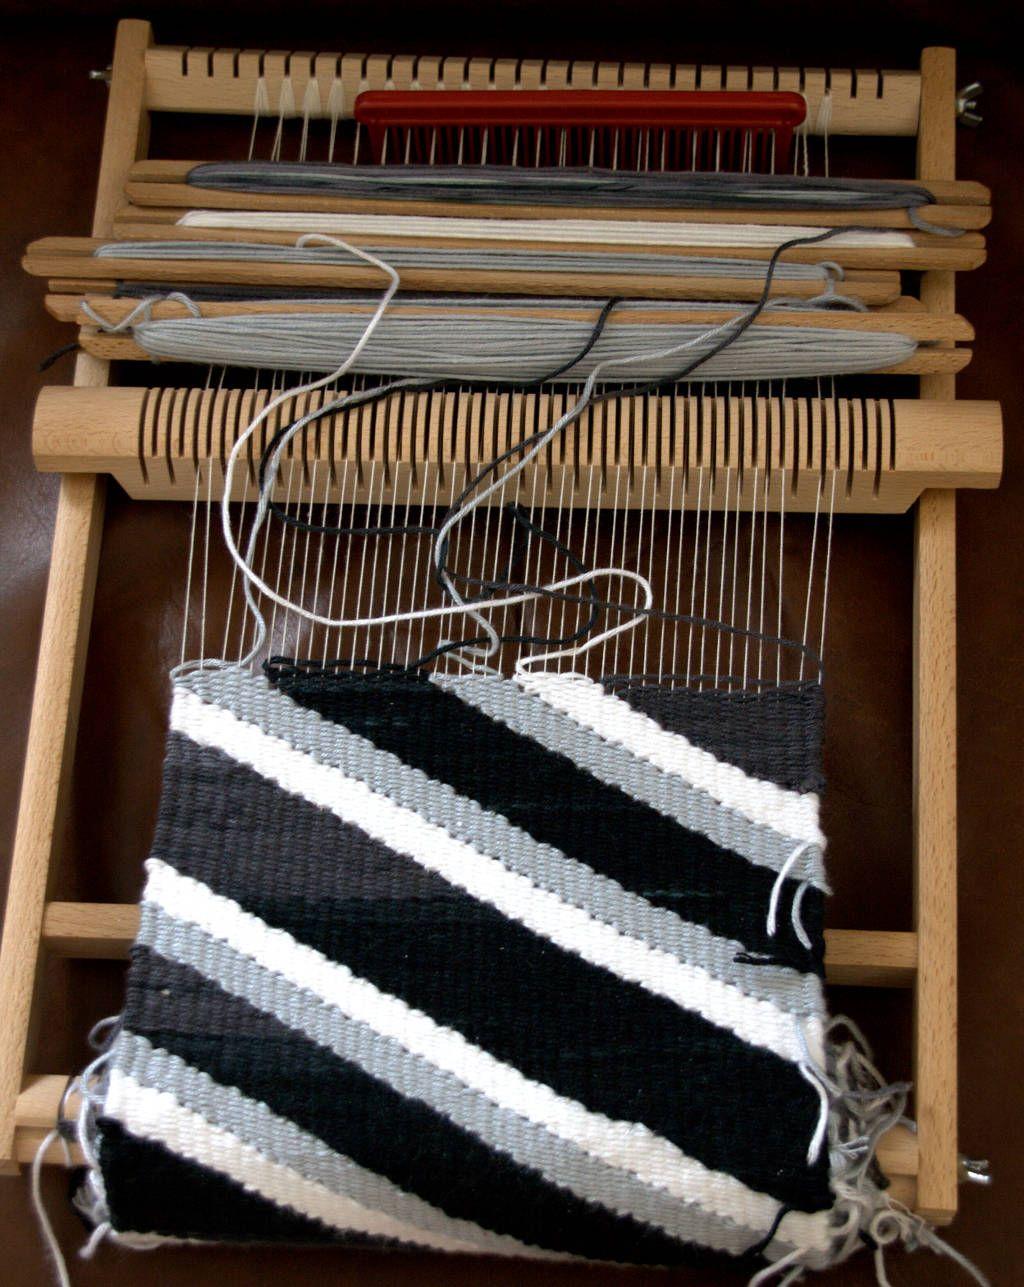 Bekannt Webrahmen beim Weben mit verkürzten Reihen | Crafting Weaving LT28